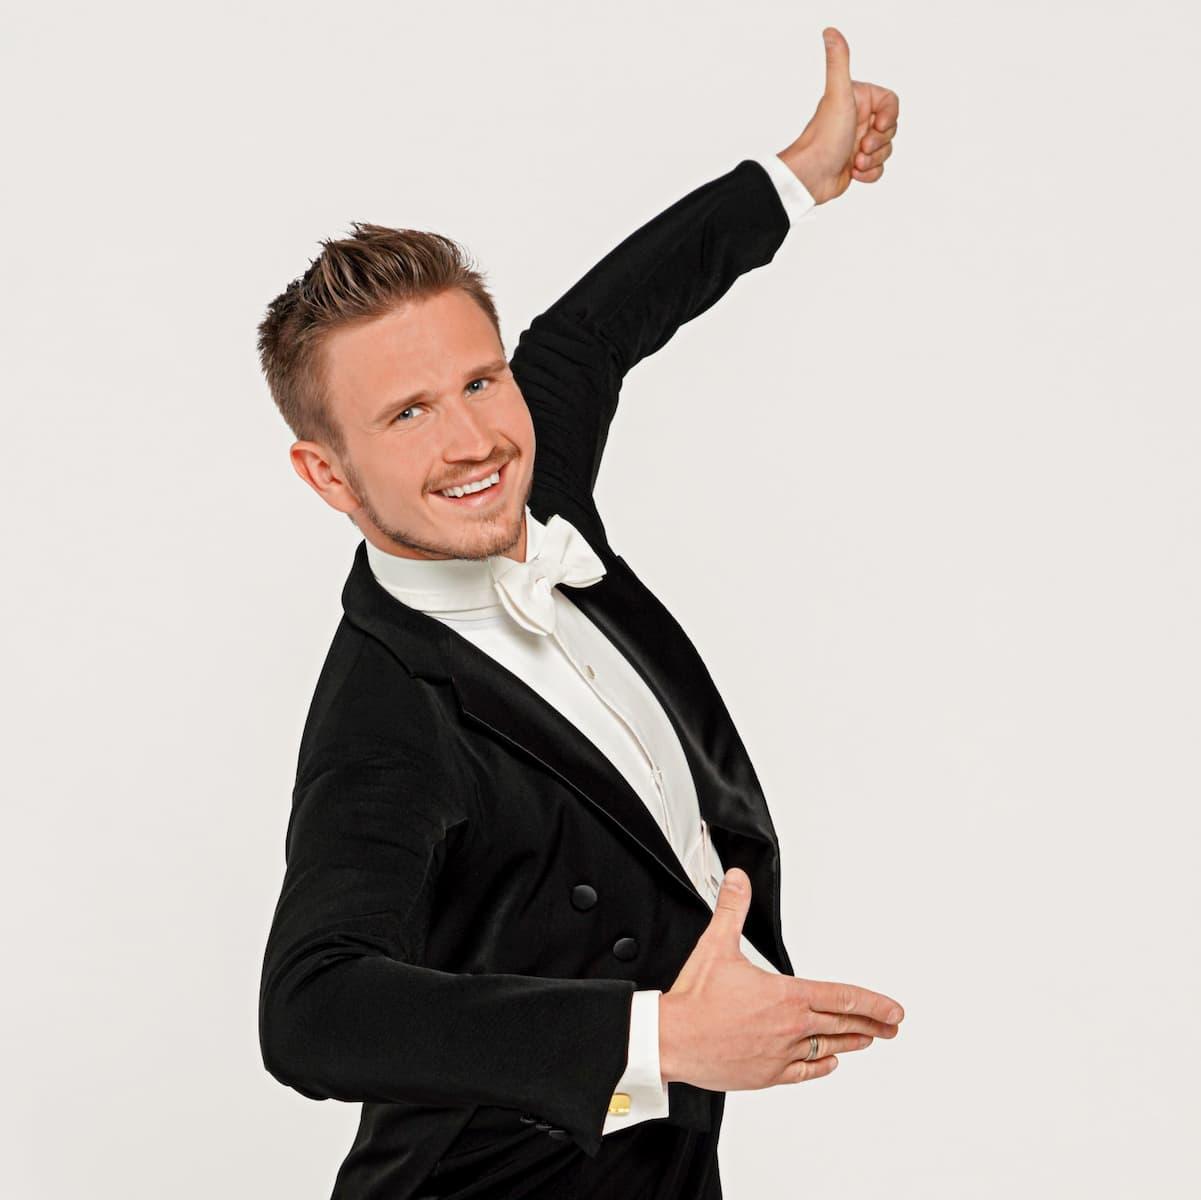 Michael Kaufmann - neu als Profitänzer bei den Dancing Stars 2021 dabei